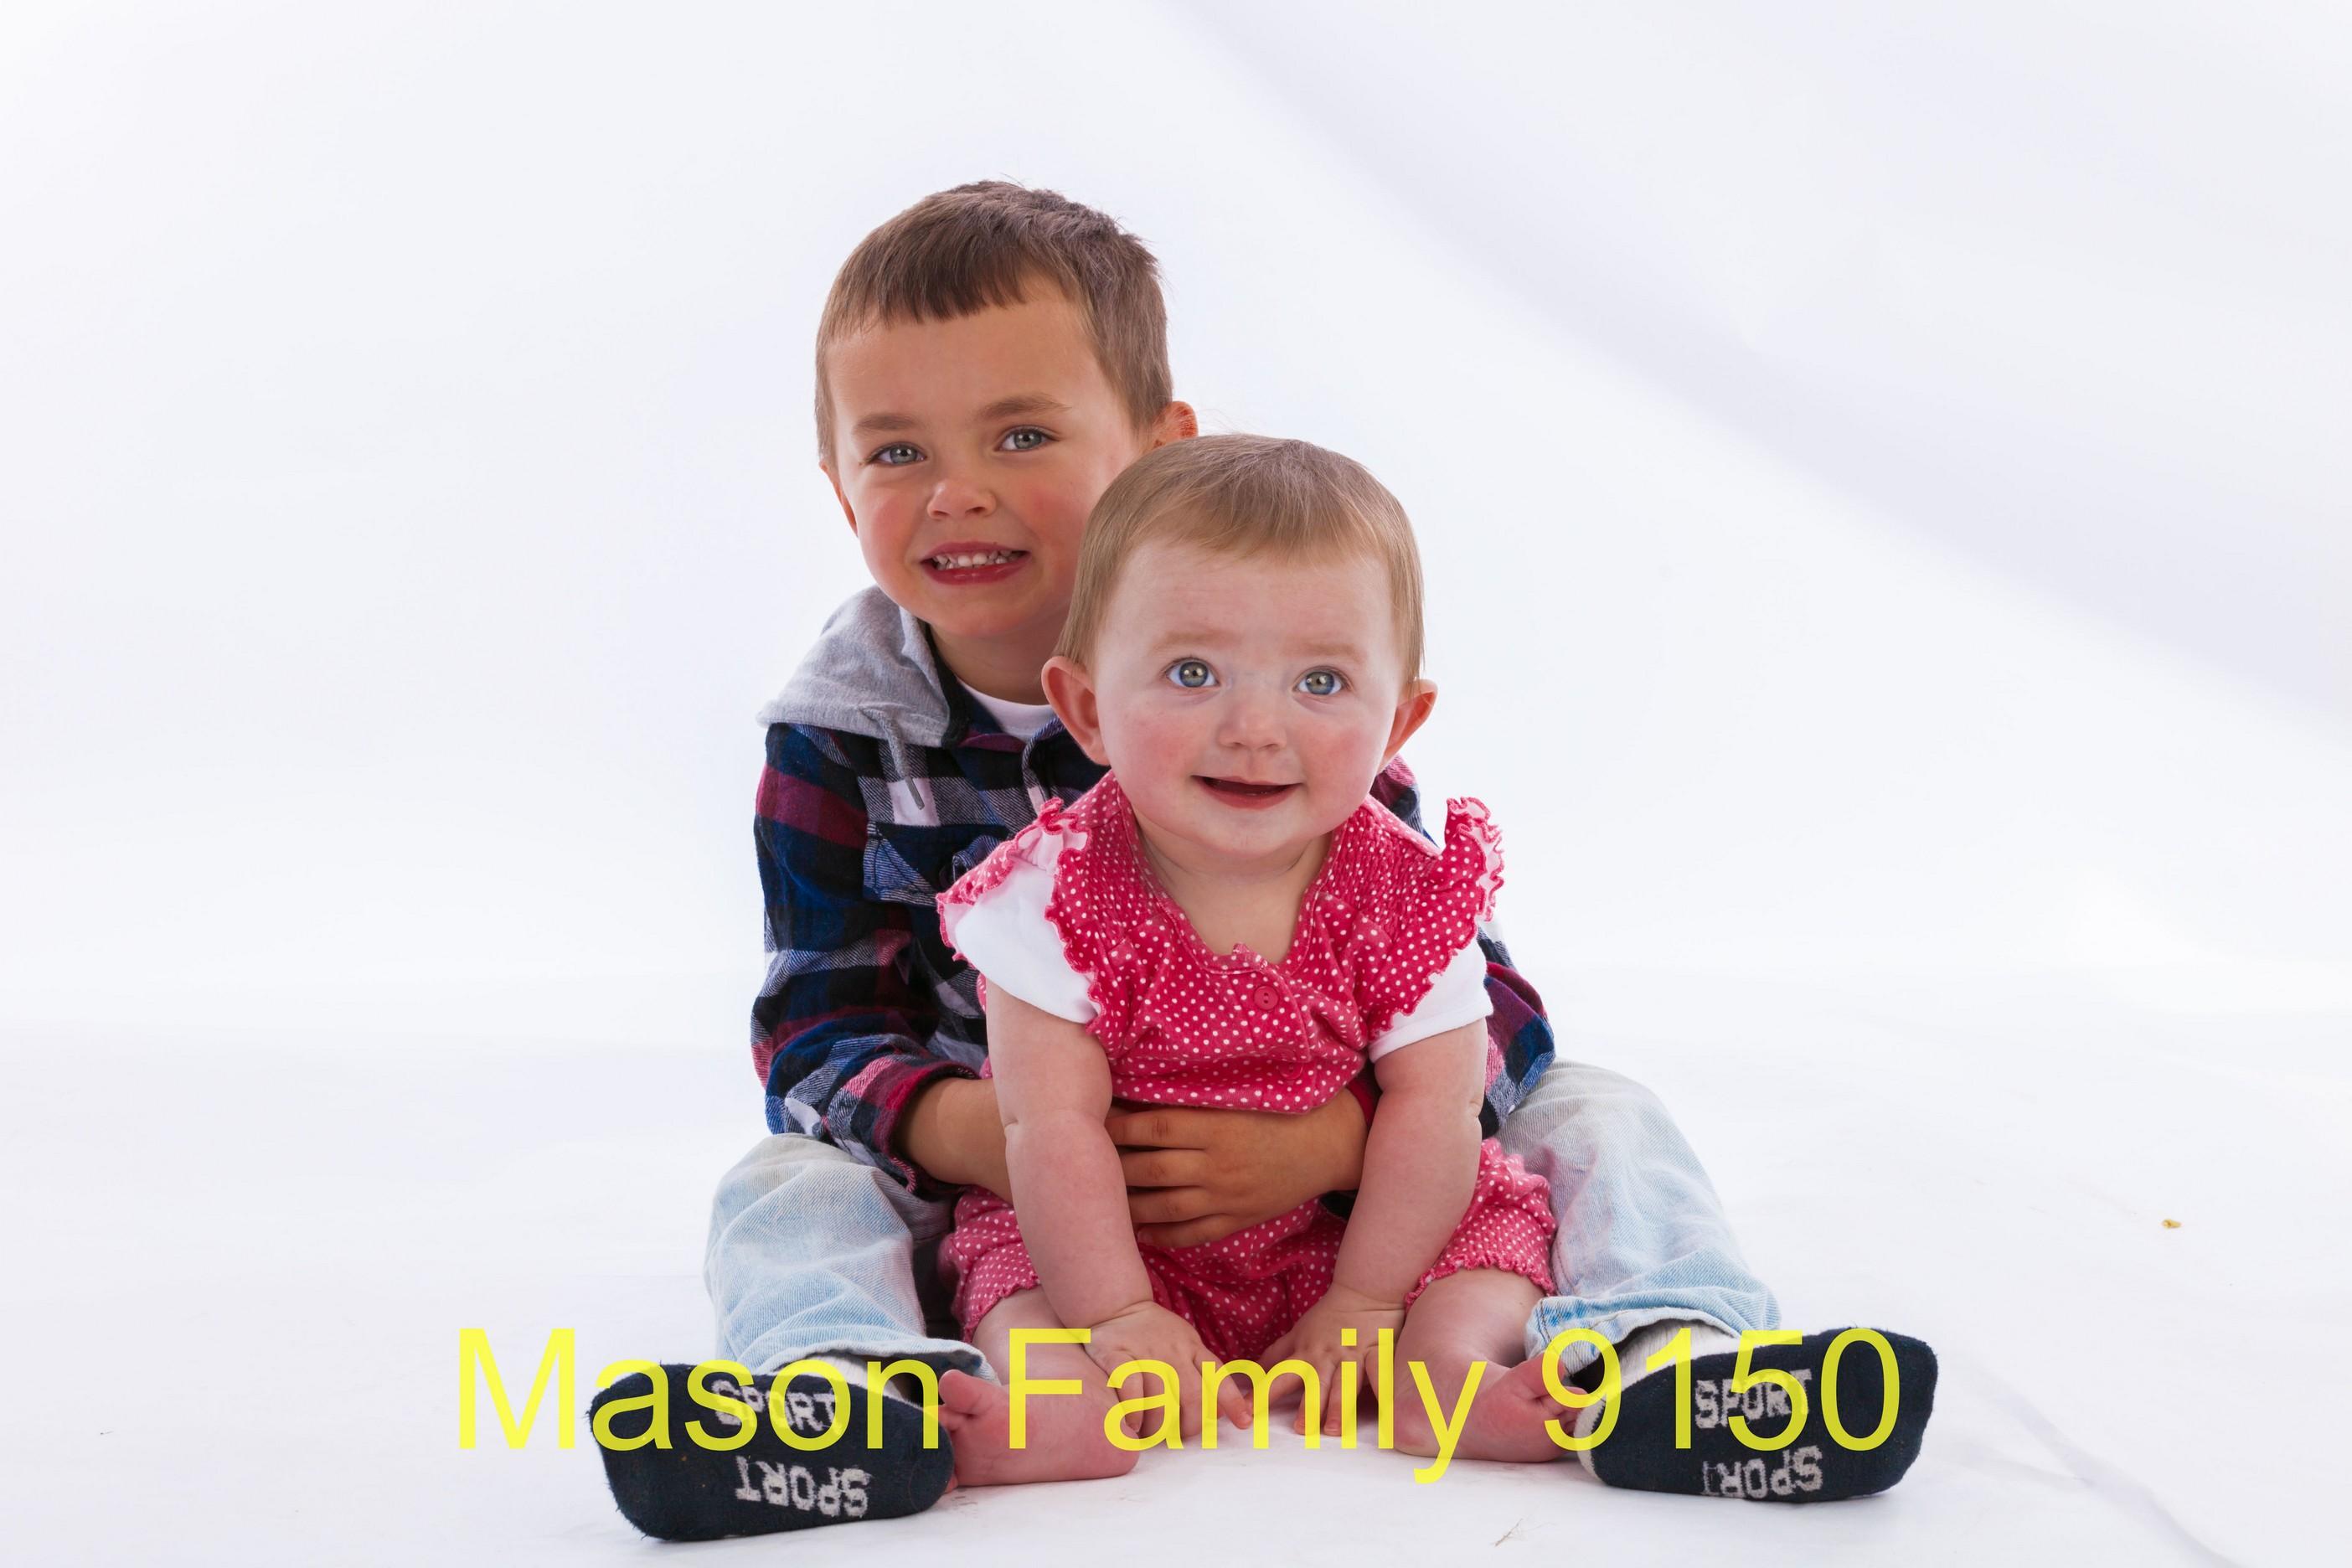 Mason Family 9150